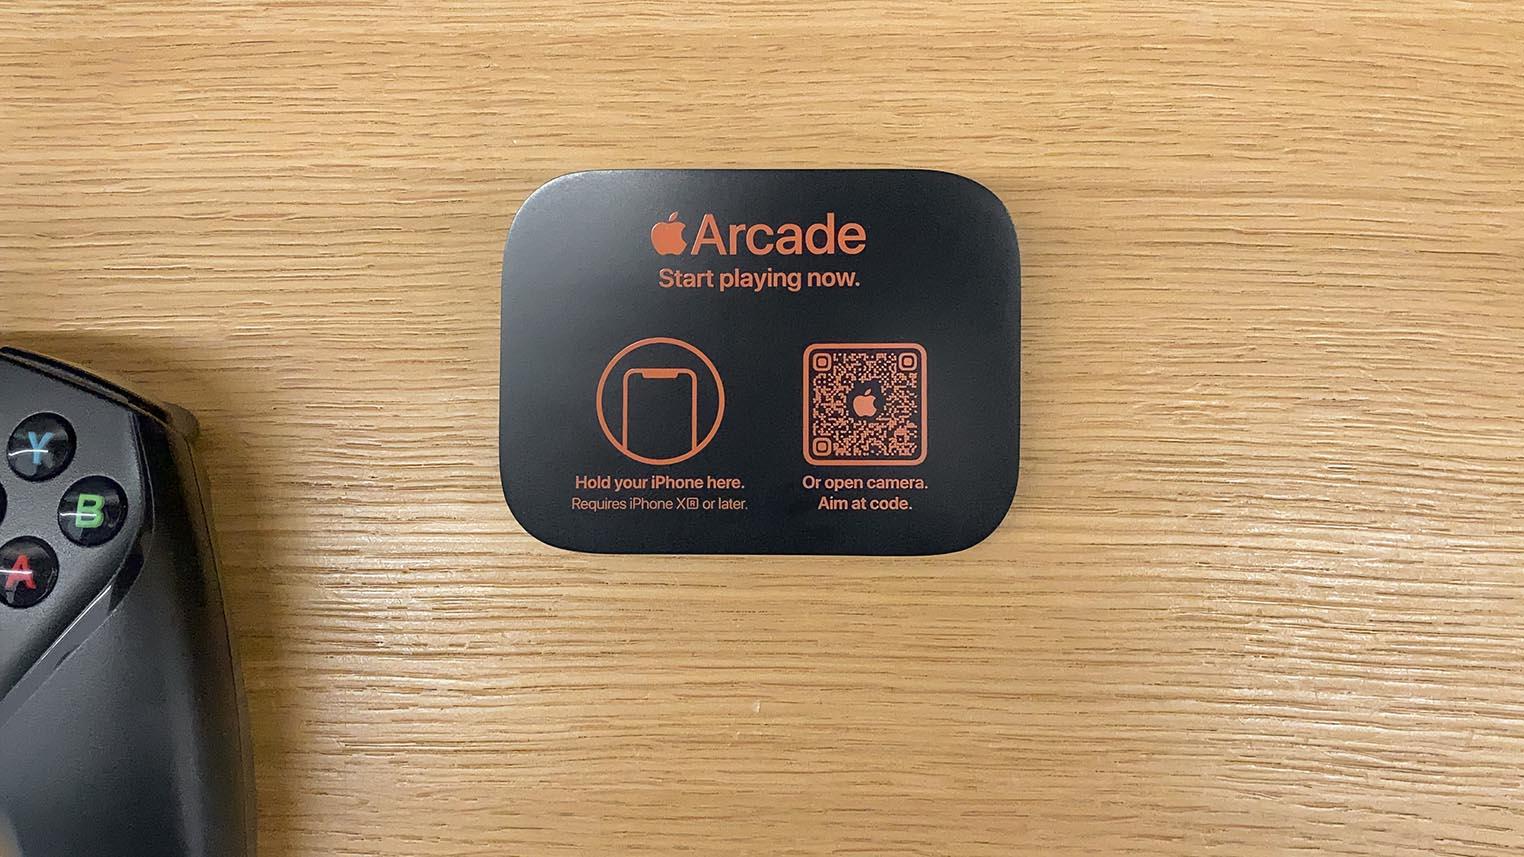 Tag NFC Apple Arcade